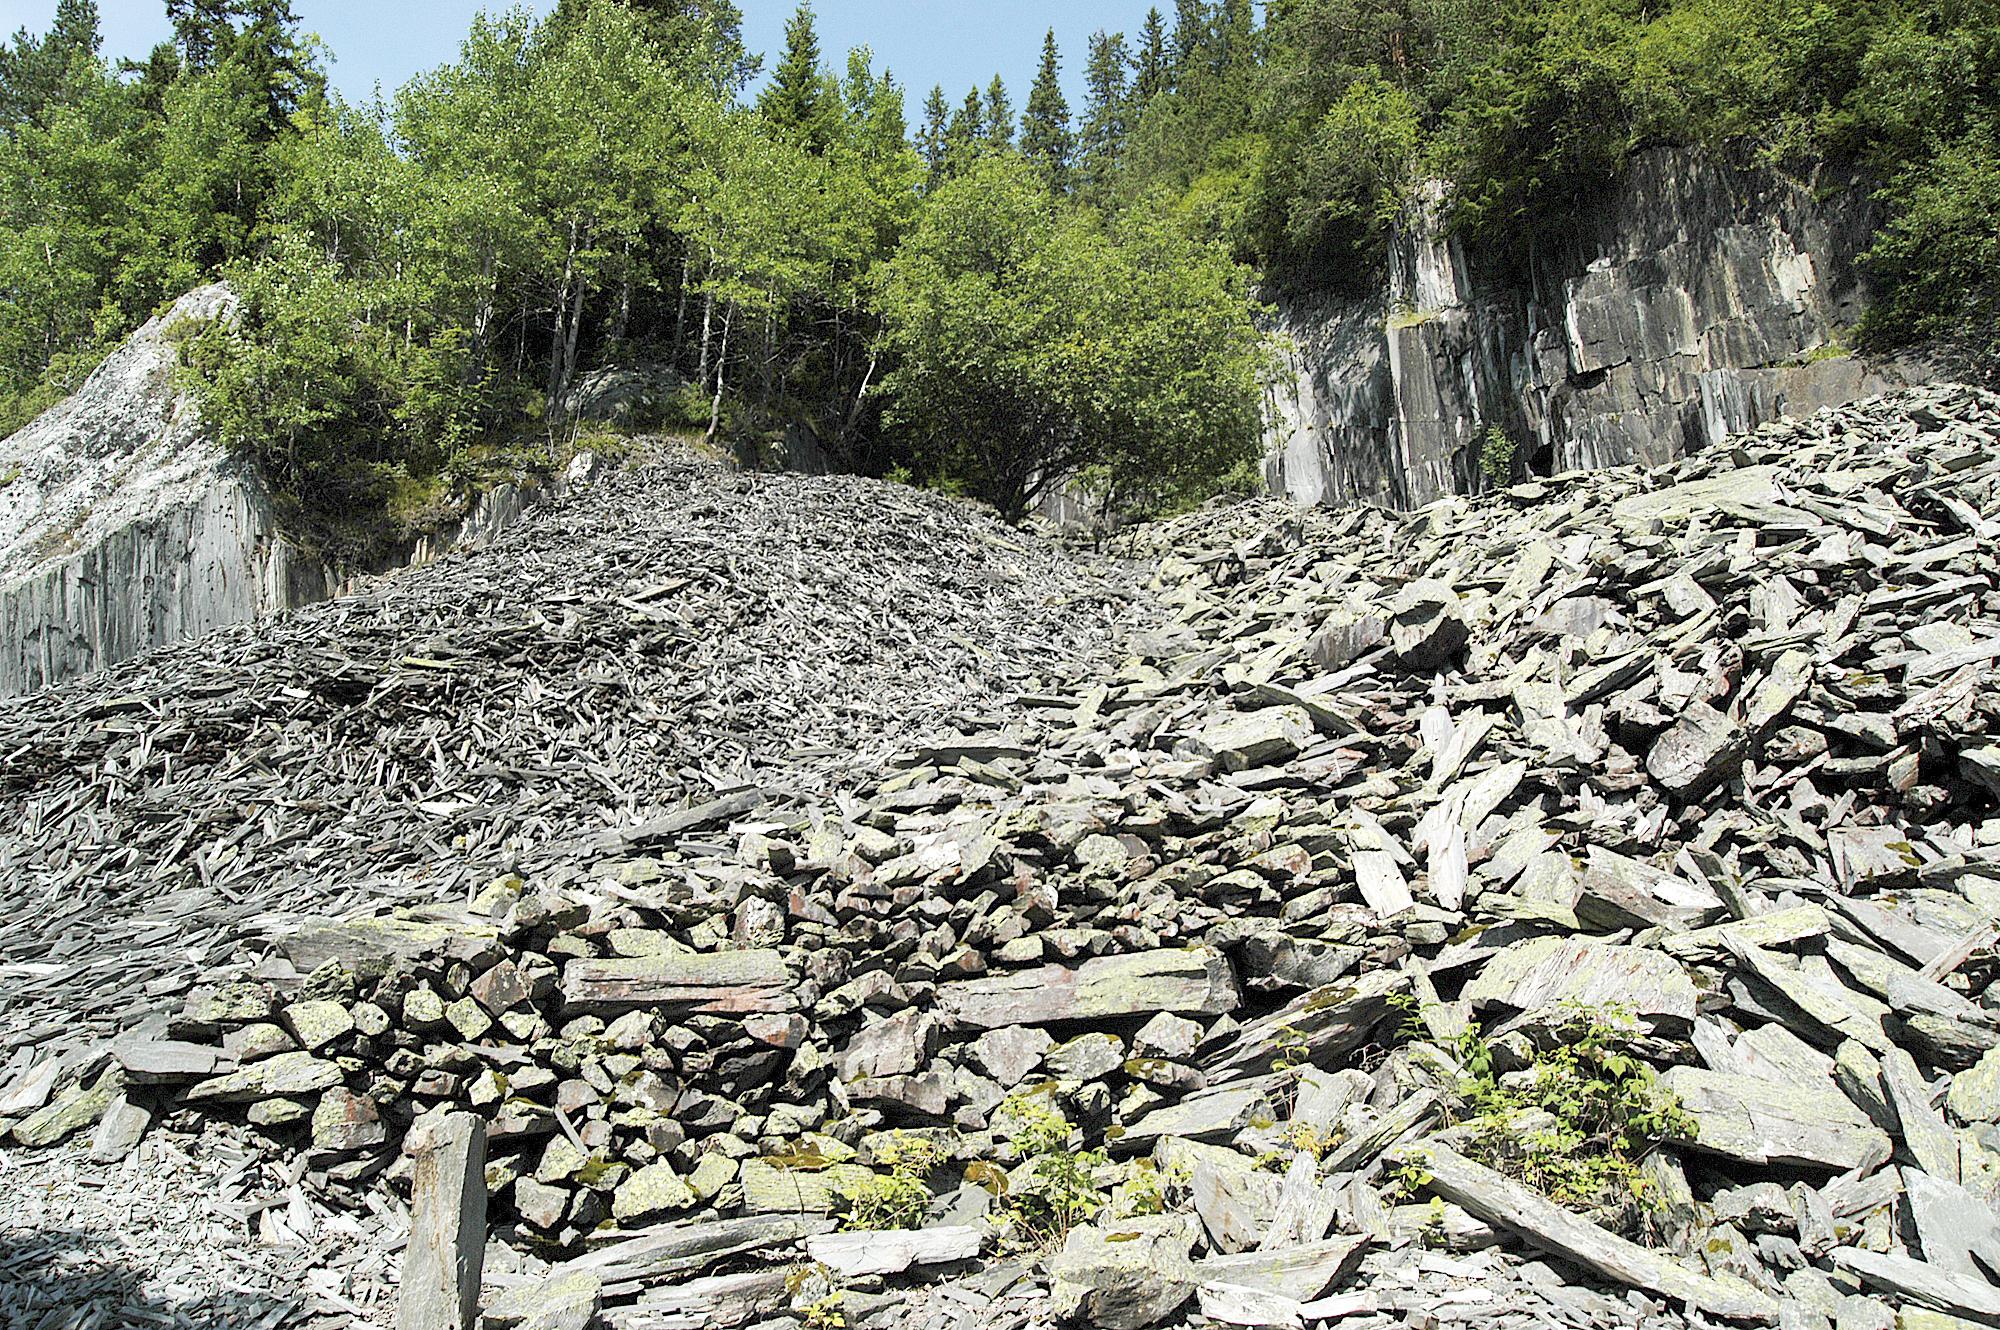 Et av steinbrudda ved Eidsborg slik det ser ut i våre dager. Avfallet etter arbeidet i steinberget ligger i hauger, uslehauger. Det går sti fra Vest-Telemark museum inn til steinberget.